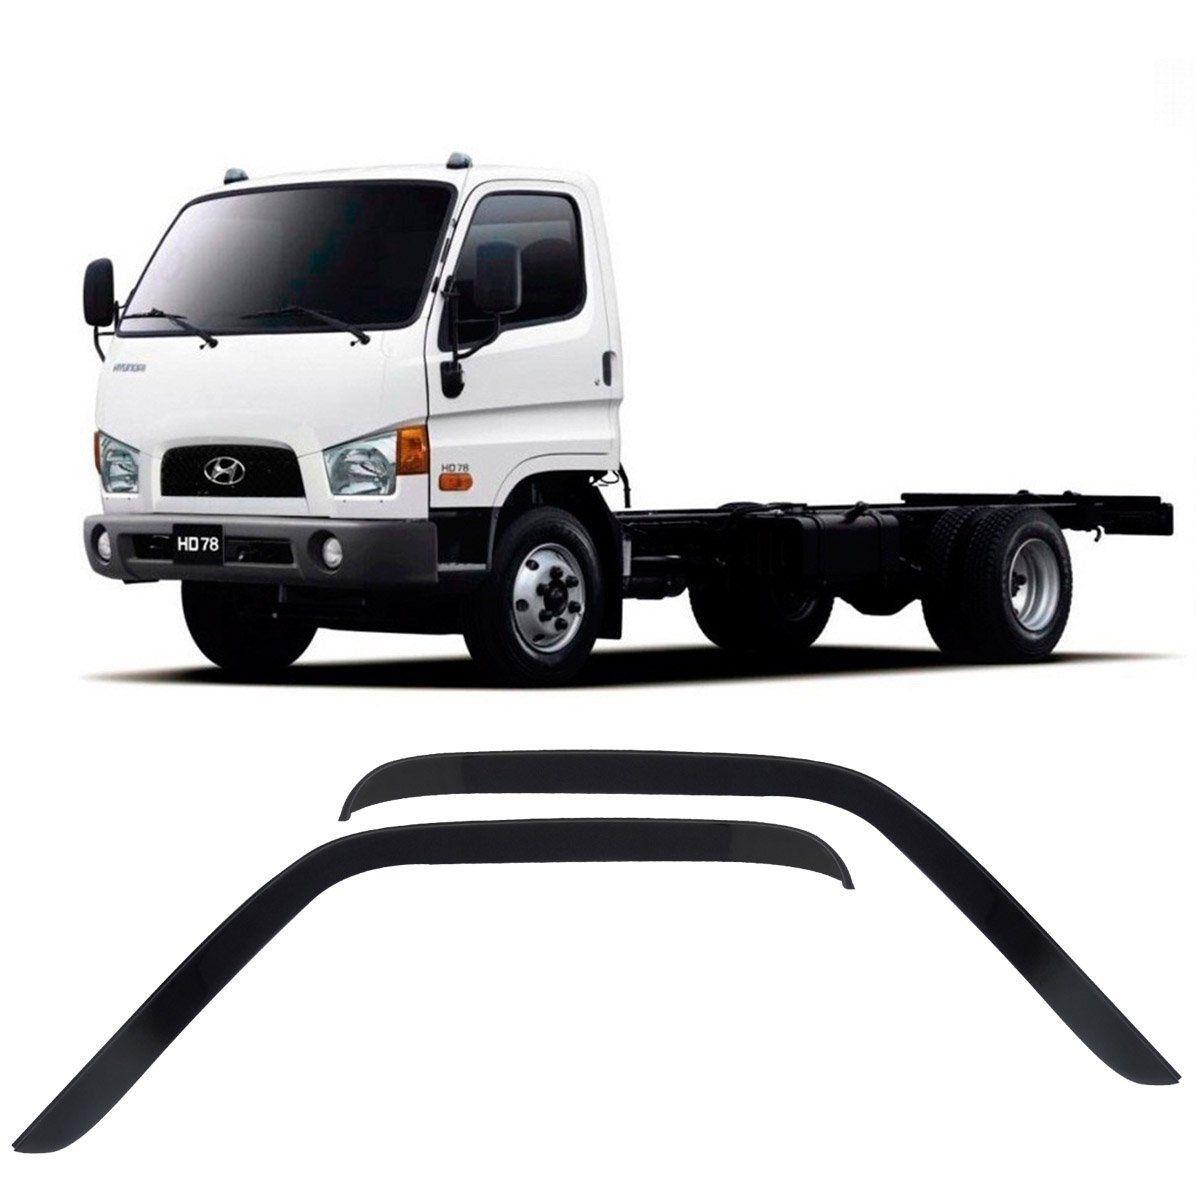 Jogo Calha Chuva Acrilica Caminhao Hyundai Hd 78 - 2 Portas